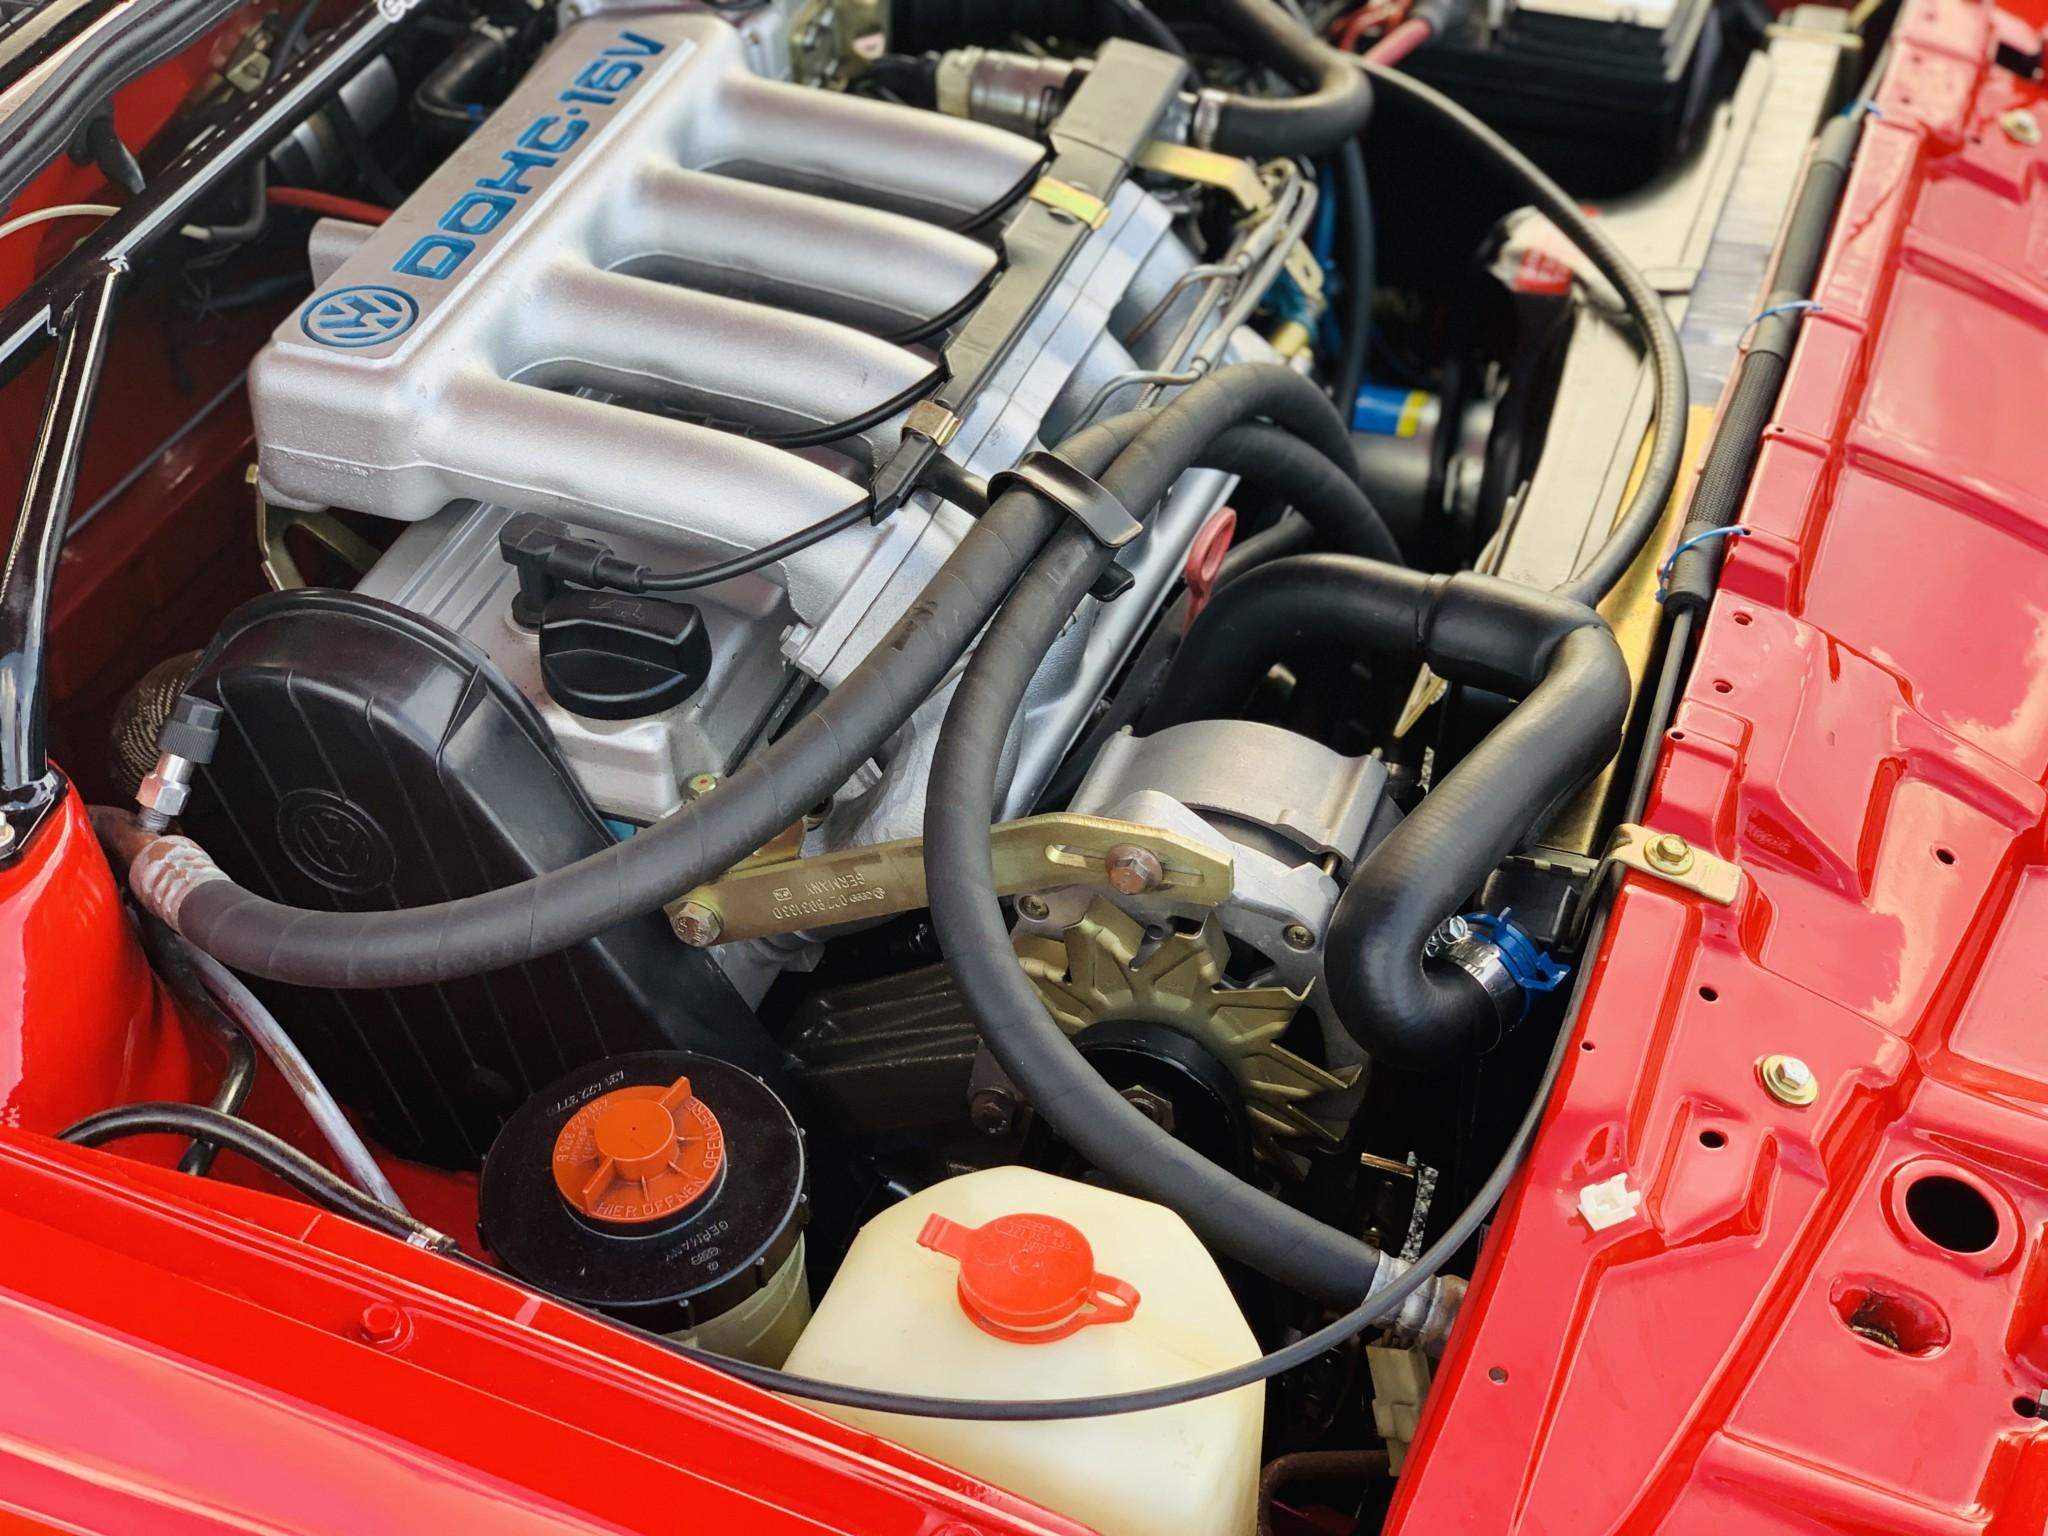 1986_volkswagen_scirocco_16v_15717842120b671465ce65cbf76bC958FD7B-4DE9-4D20-98DC-FD5966CAB1D9